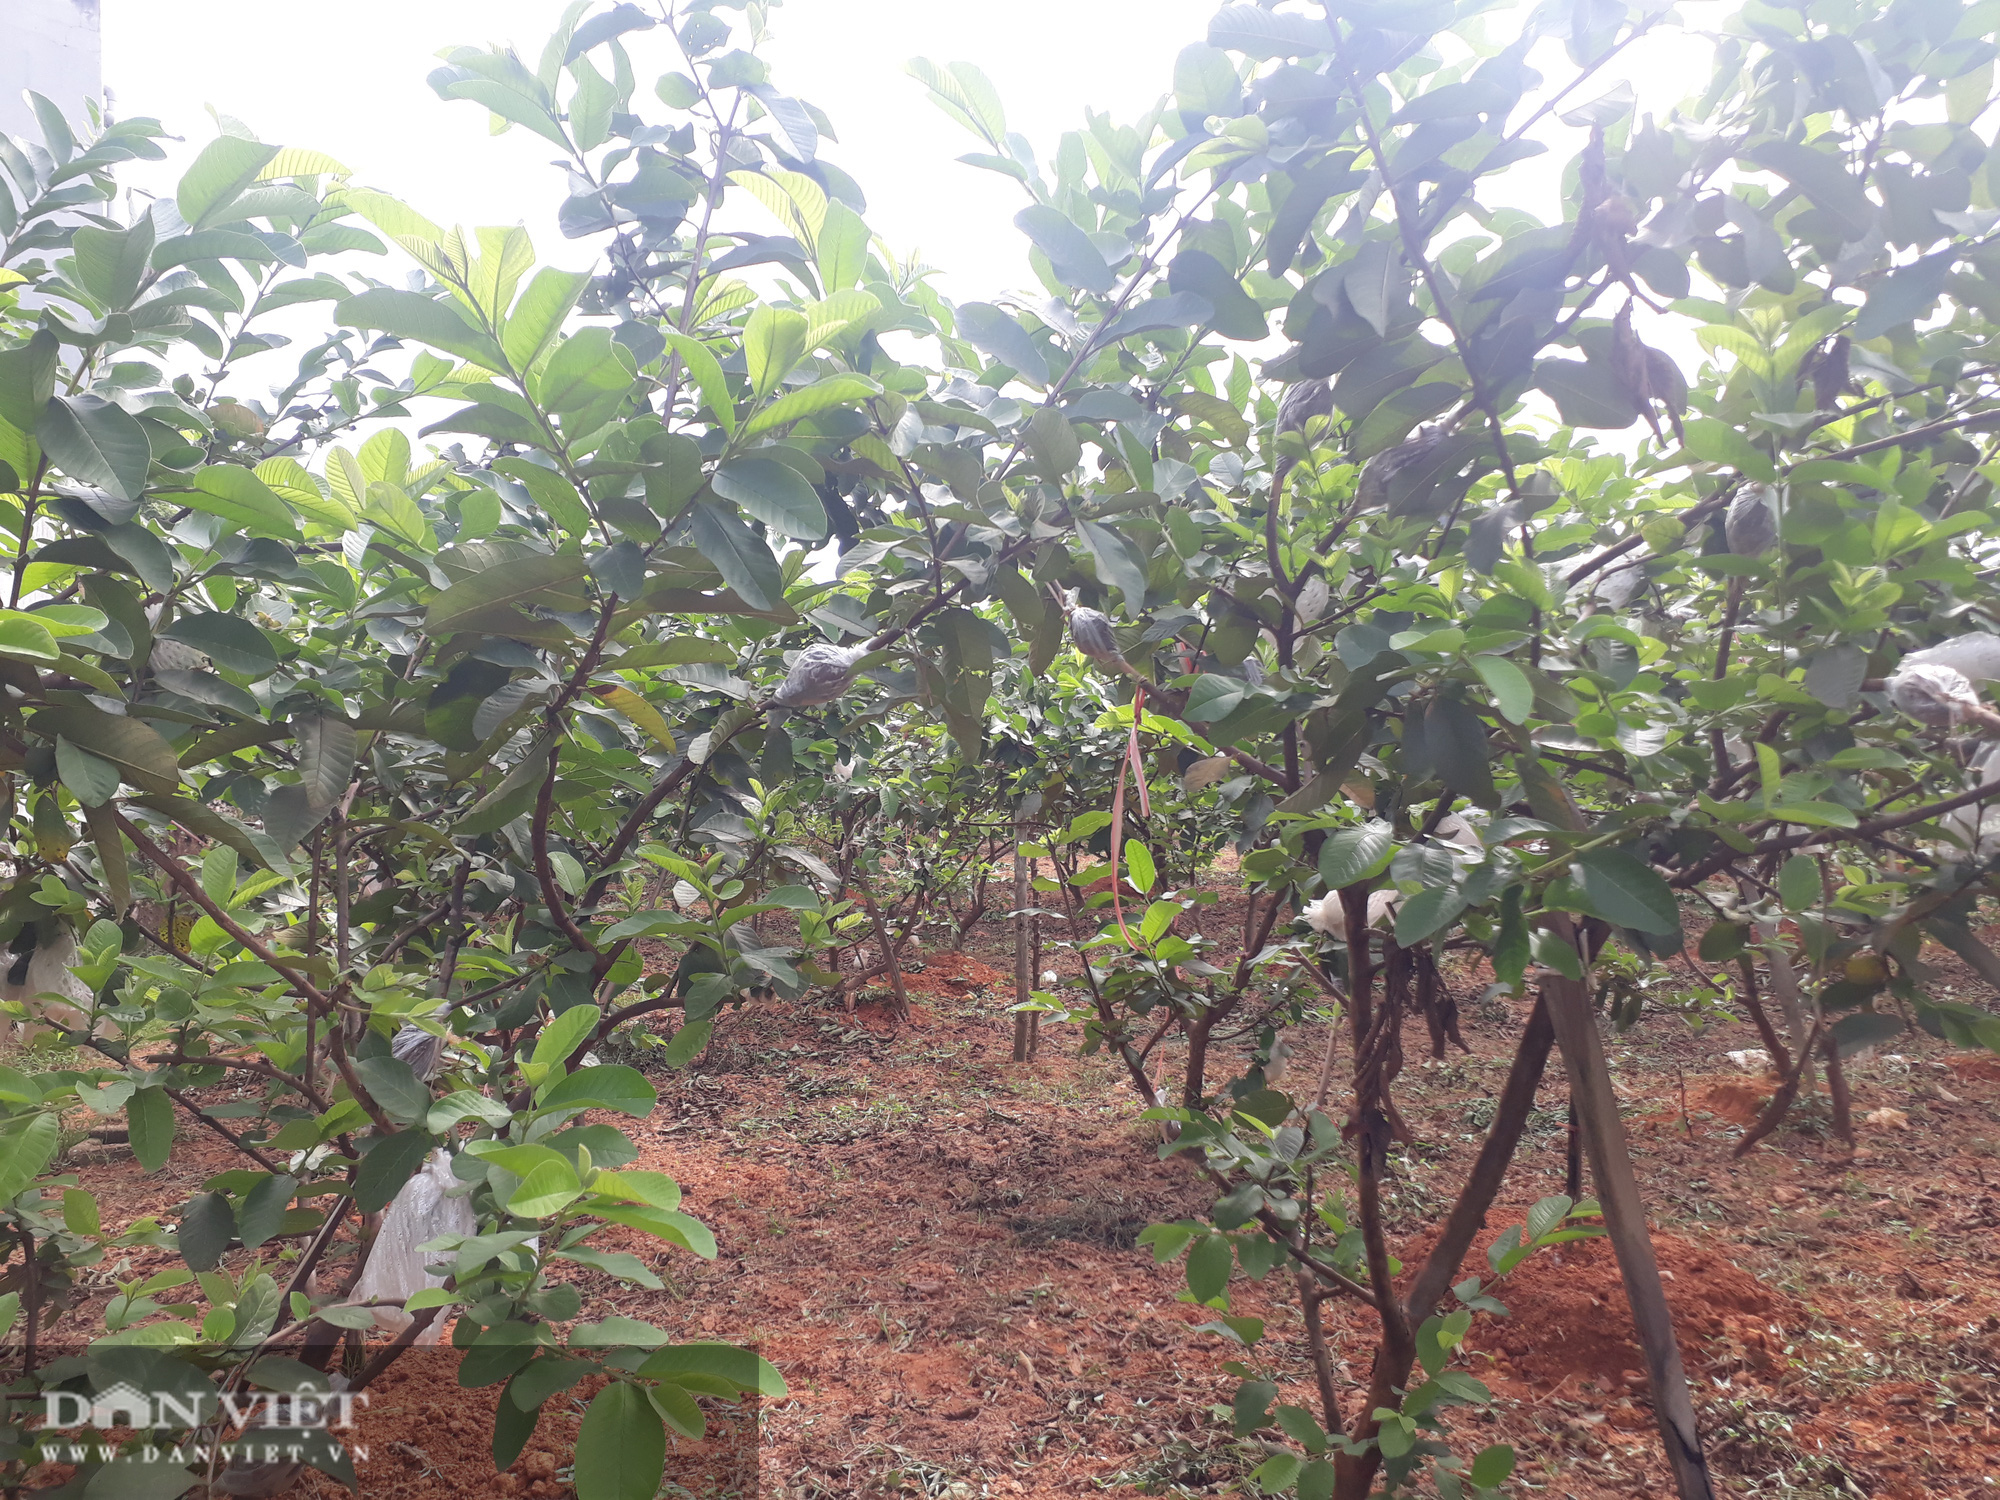 Trồng cây ra quả ngọt quanh năm, vợ chồng anh nông dân Thái Nguyên thu hàng trăm triệu đồng mỗi năm  - Ảnh 1.